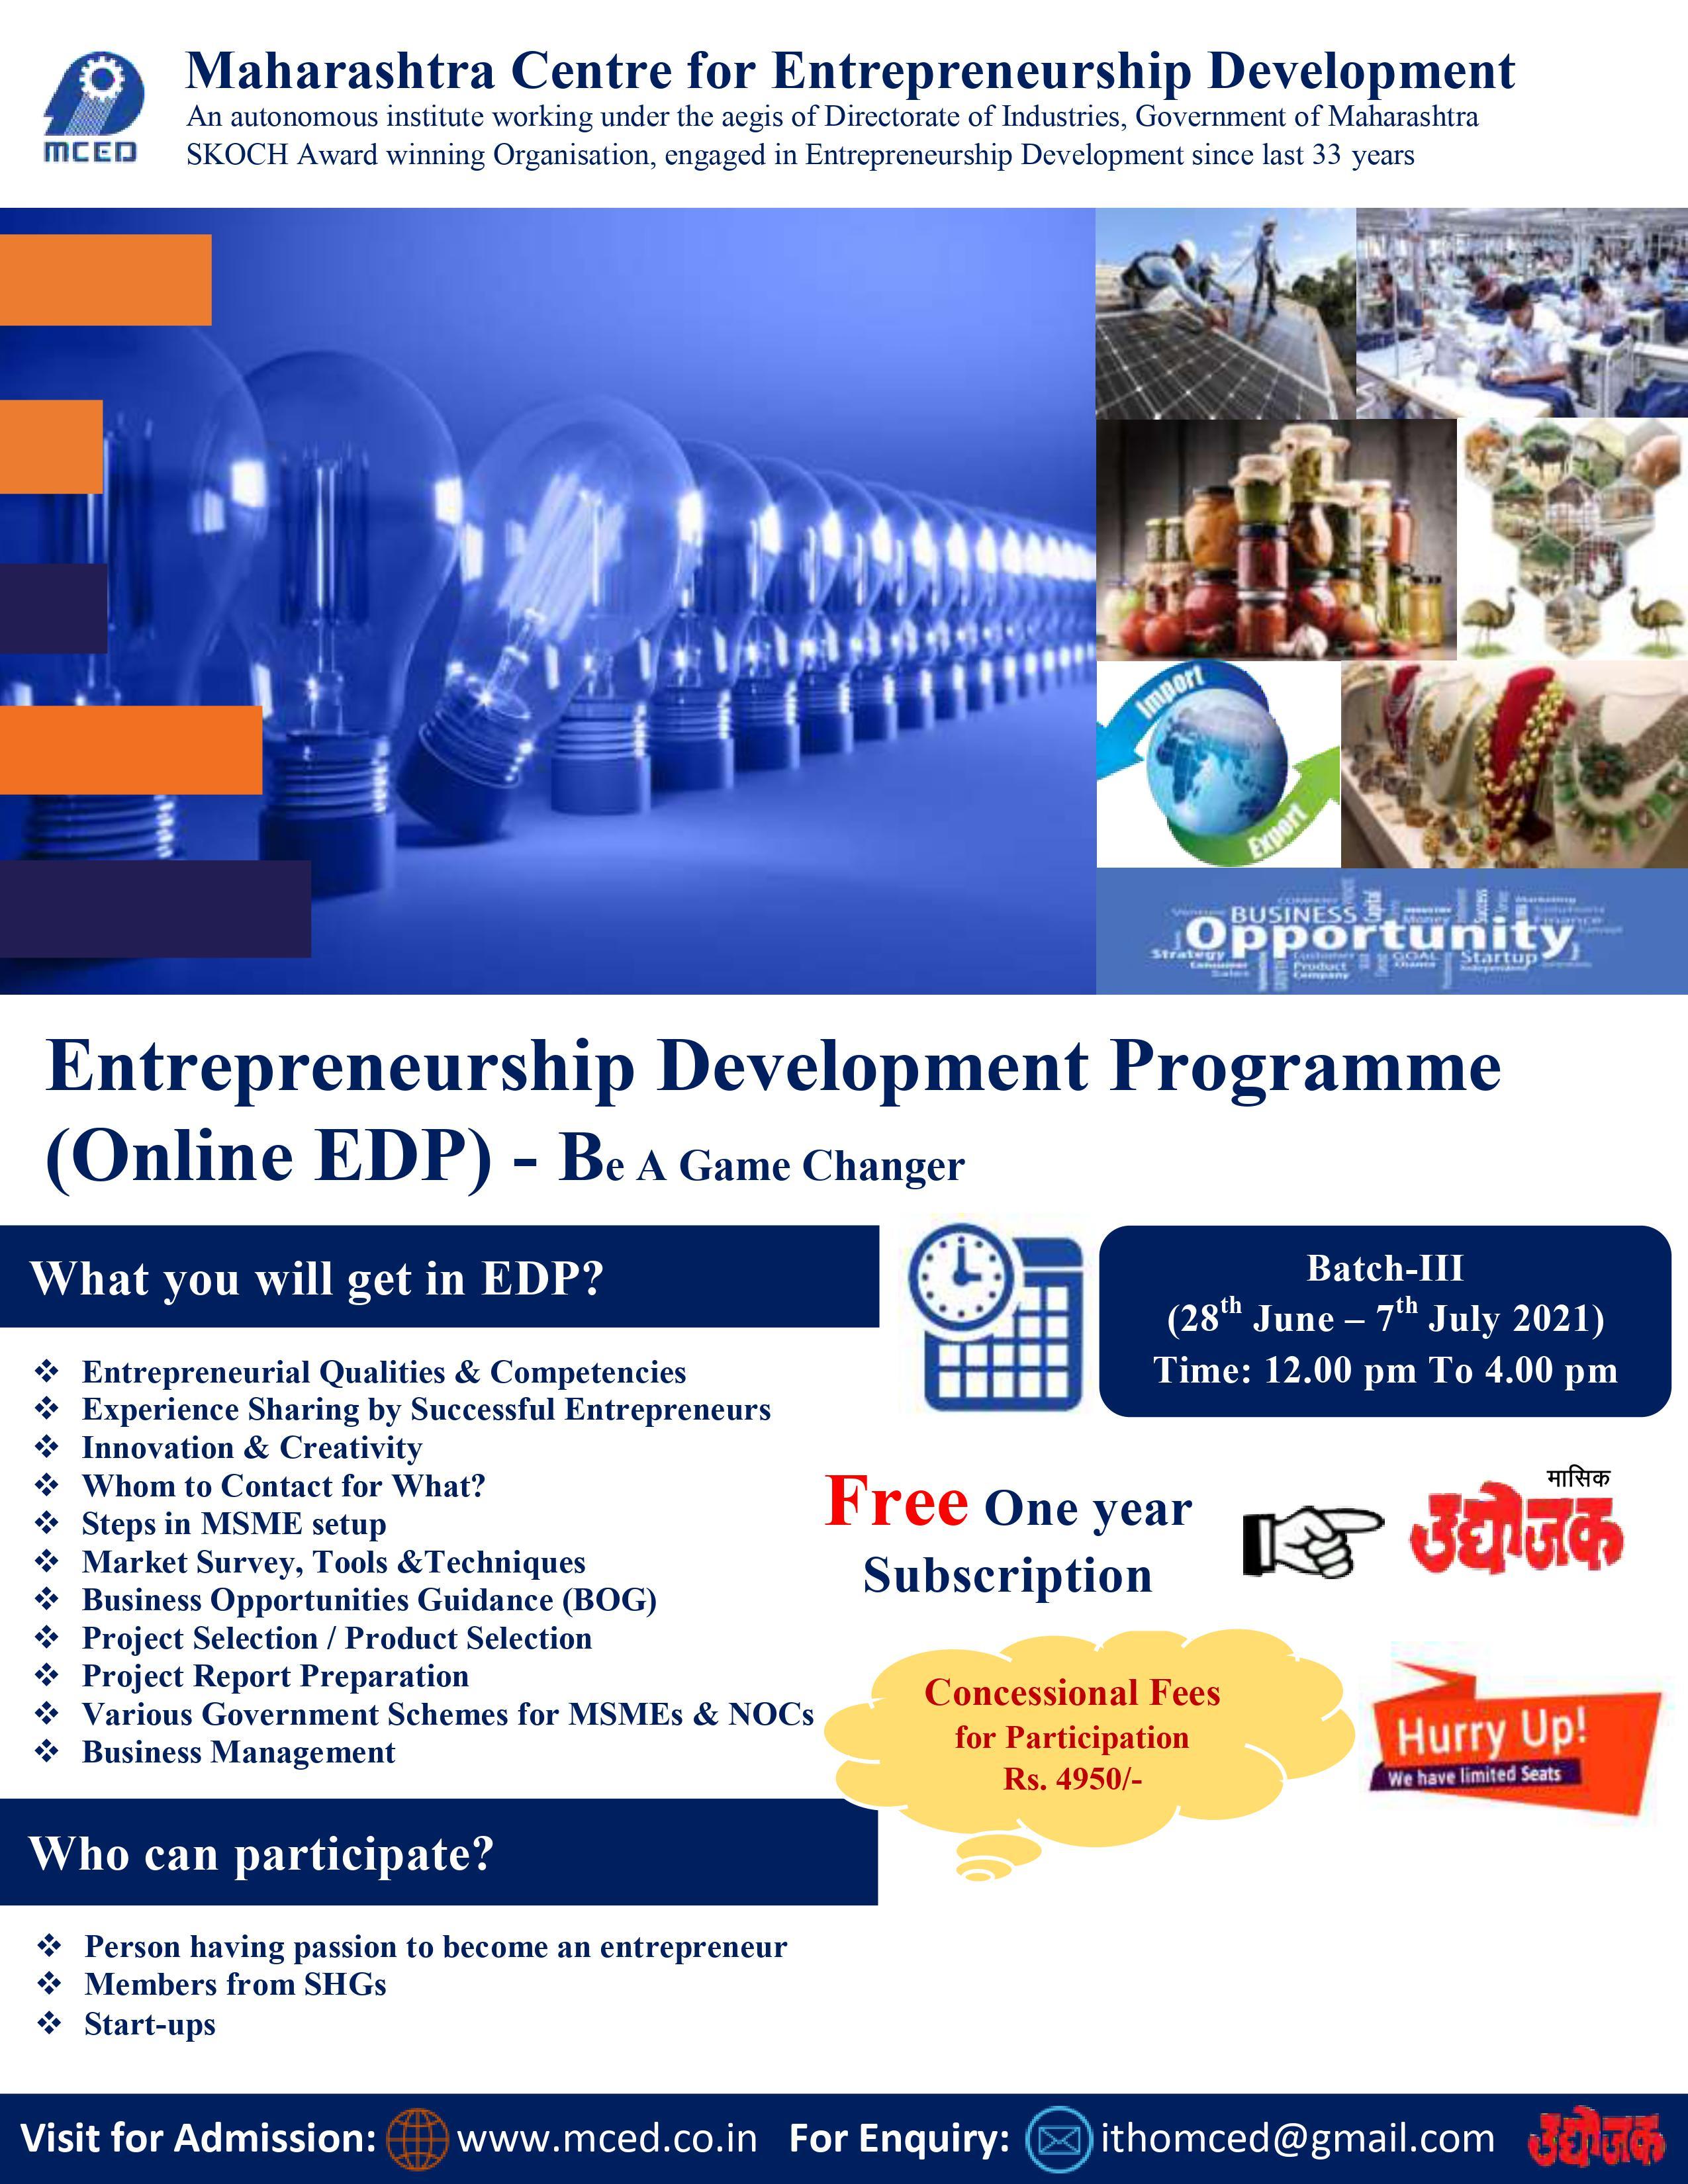 Entrepreneurship Development Programme (Online EDP)